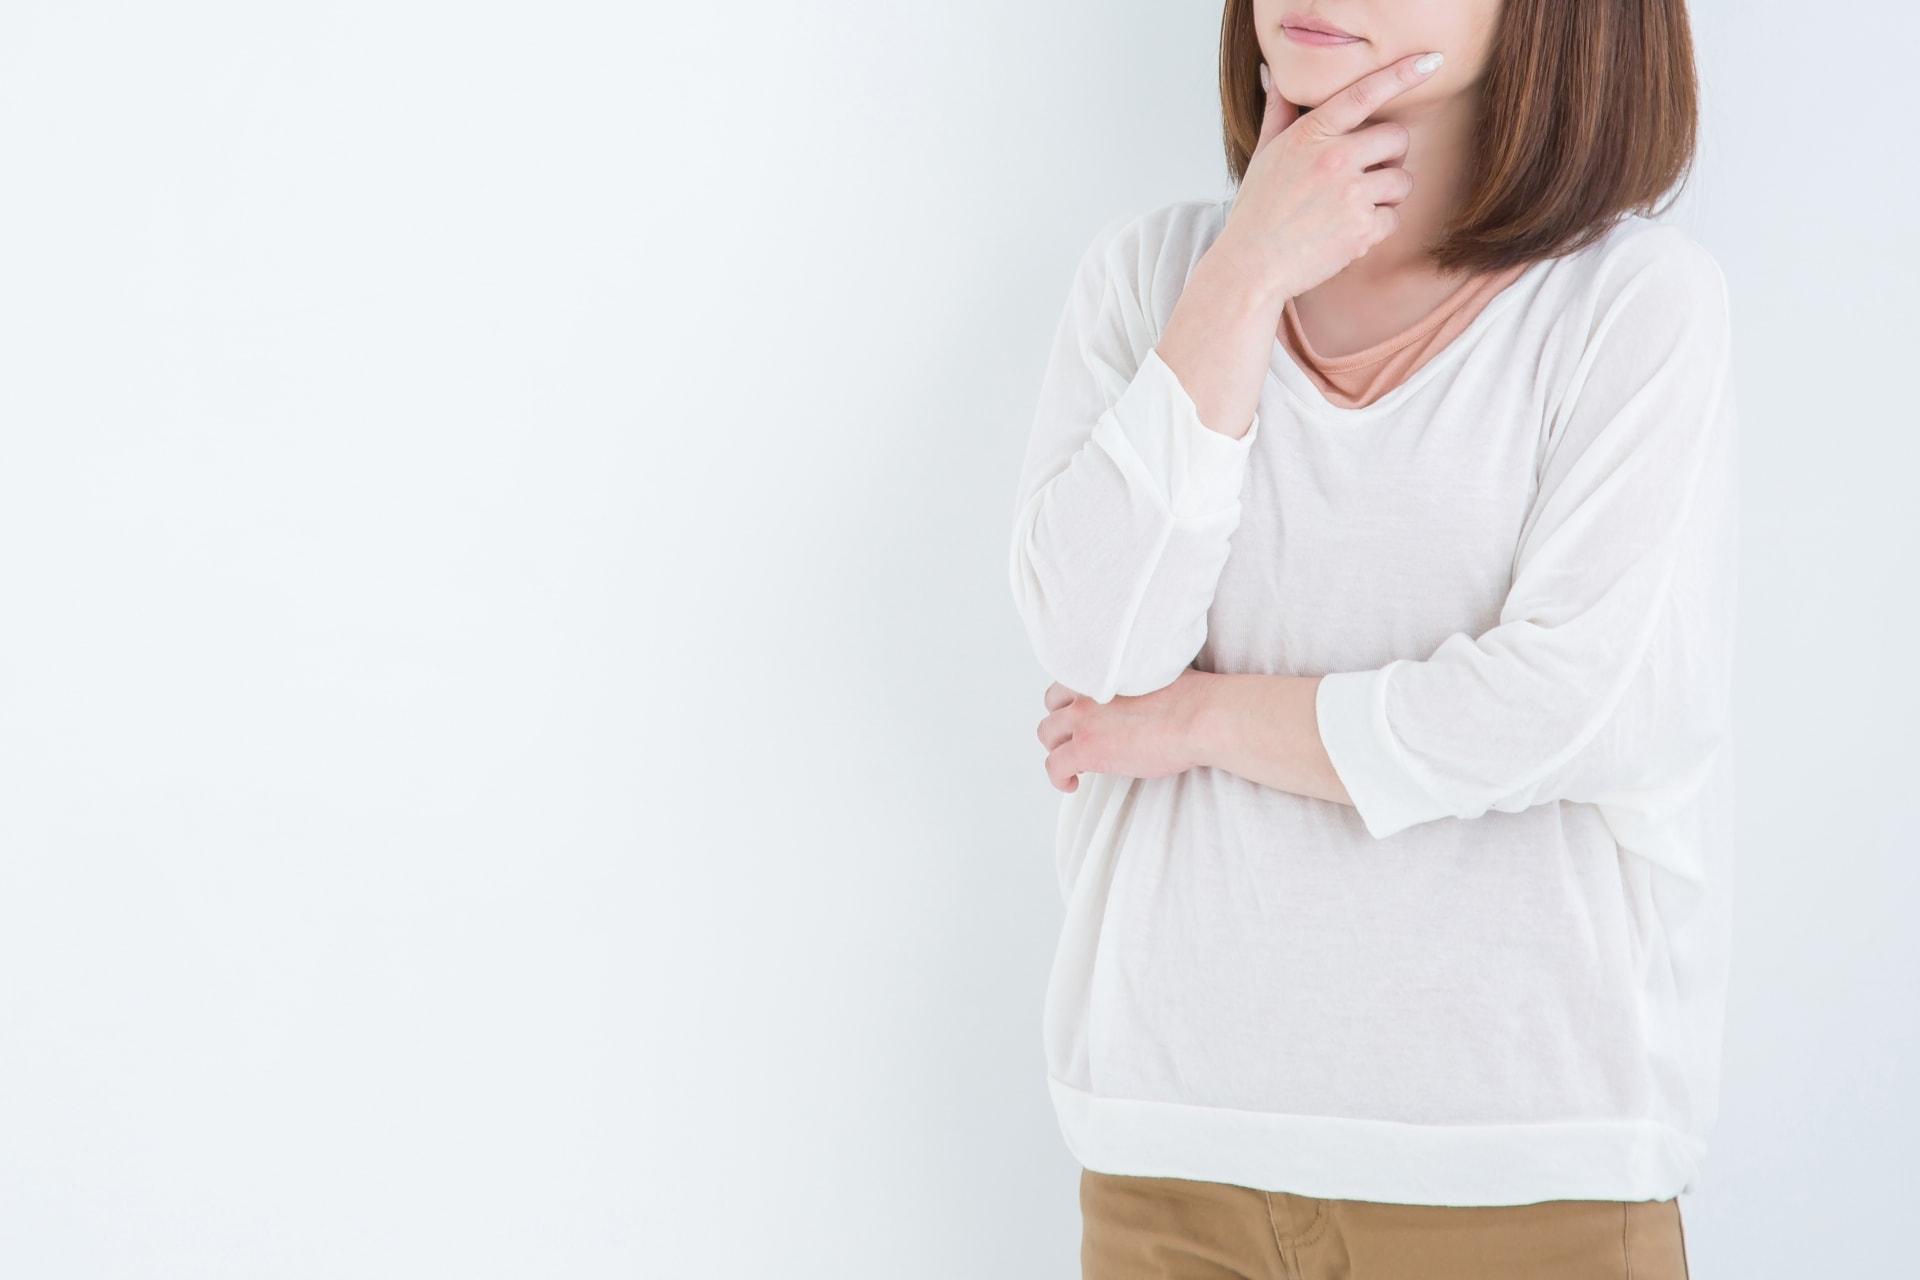 妊娠超初期 胸が張らない